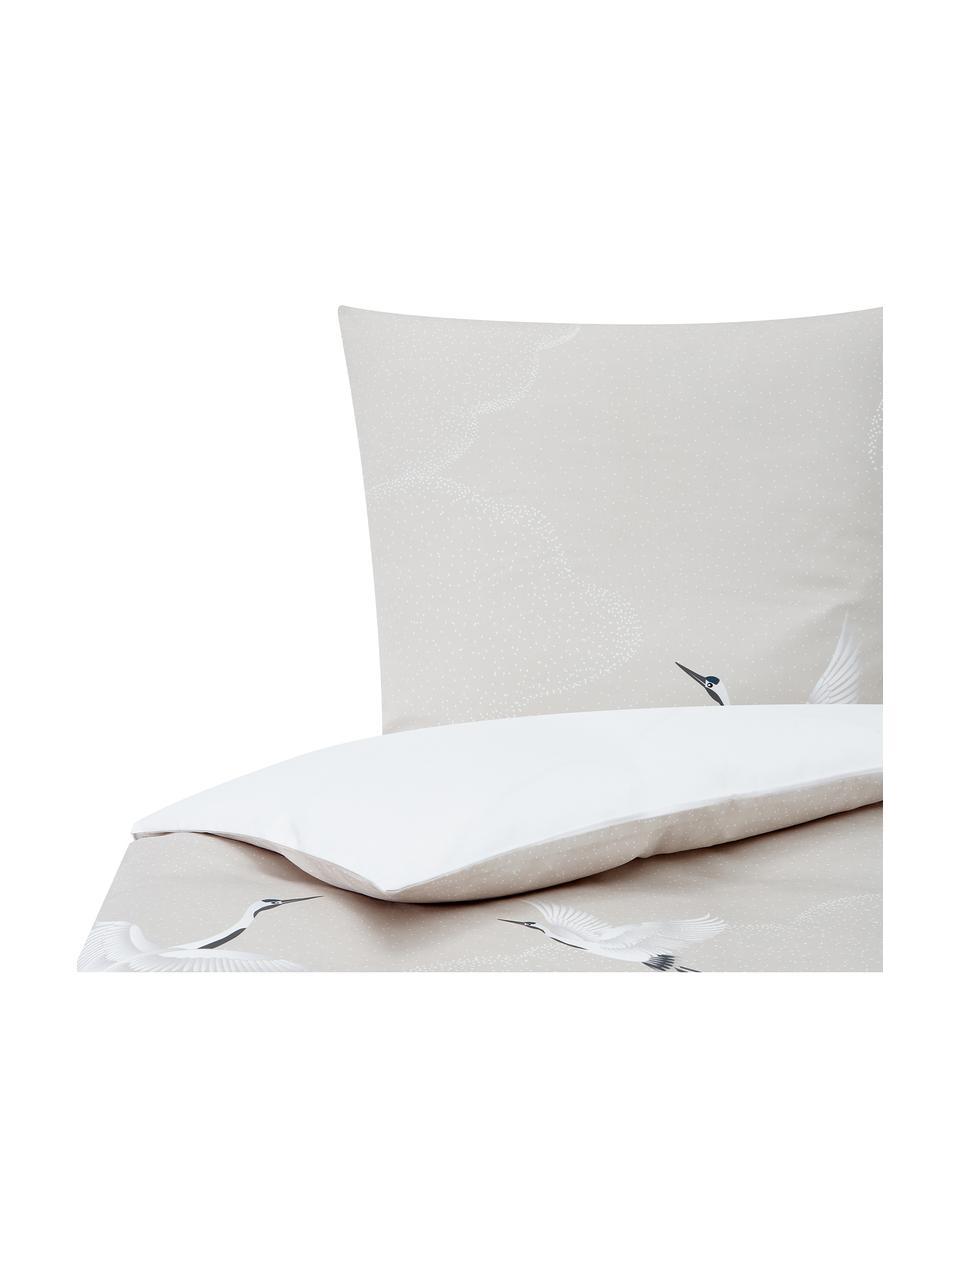 Baumwollsatin-Bettwäsche Yuma mit Kranichmotiv, Webart: Satin Fadendichte 210 TC,, Beige, Weiß, Grau, 135 x 200 cm + 1 Kissen 80 x 80 cm